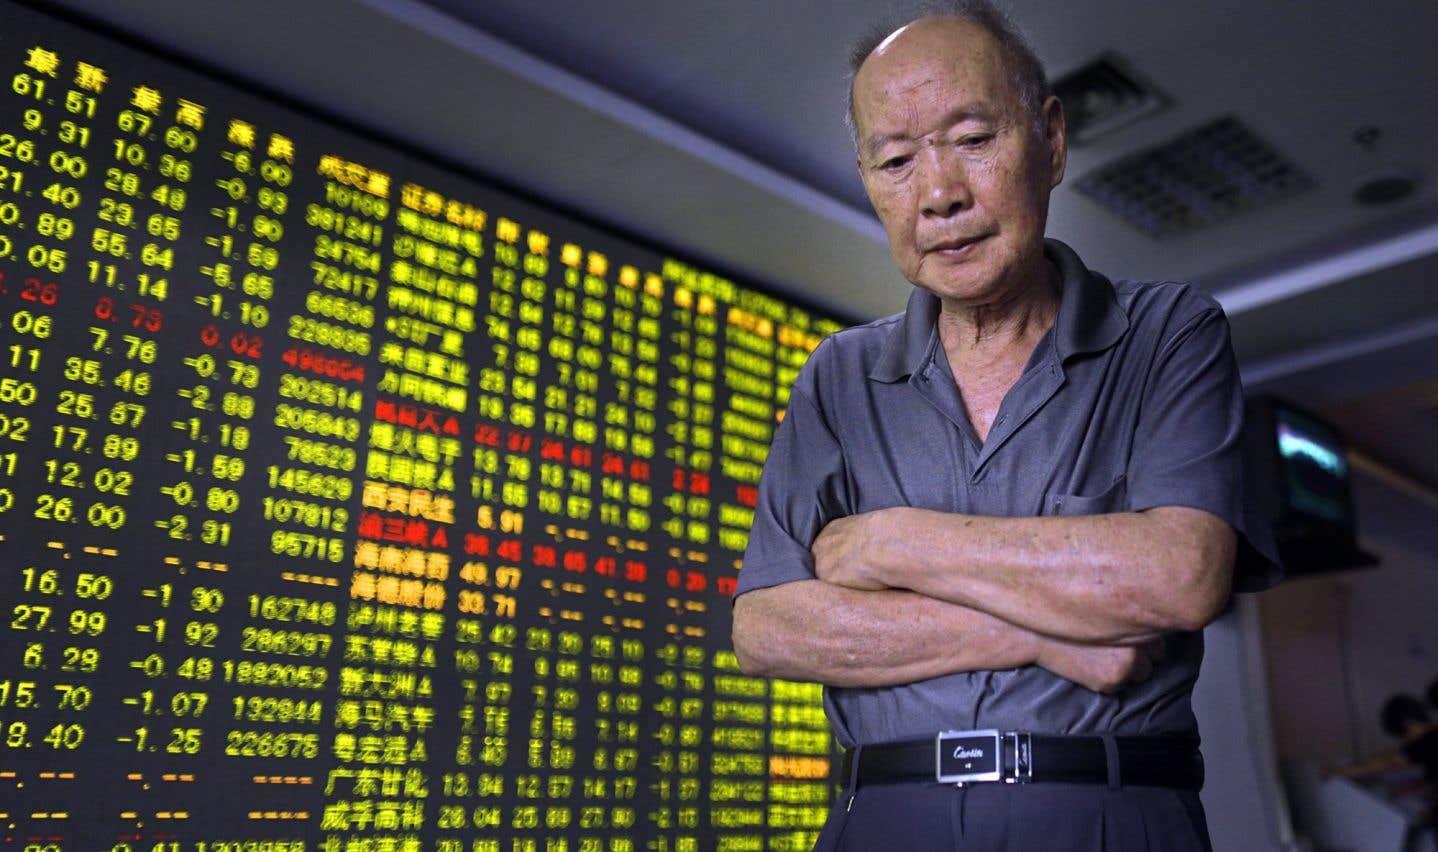 Les déboires de la Chine malmènent les marchés financiers